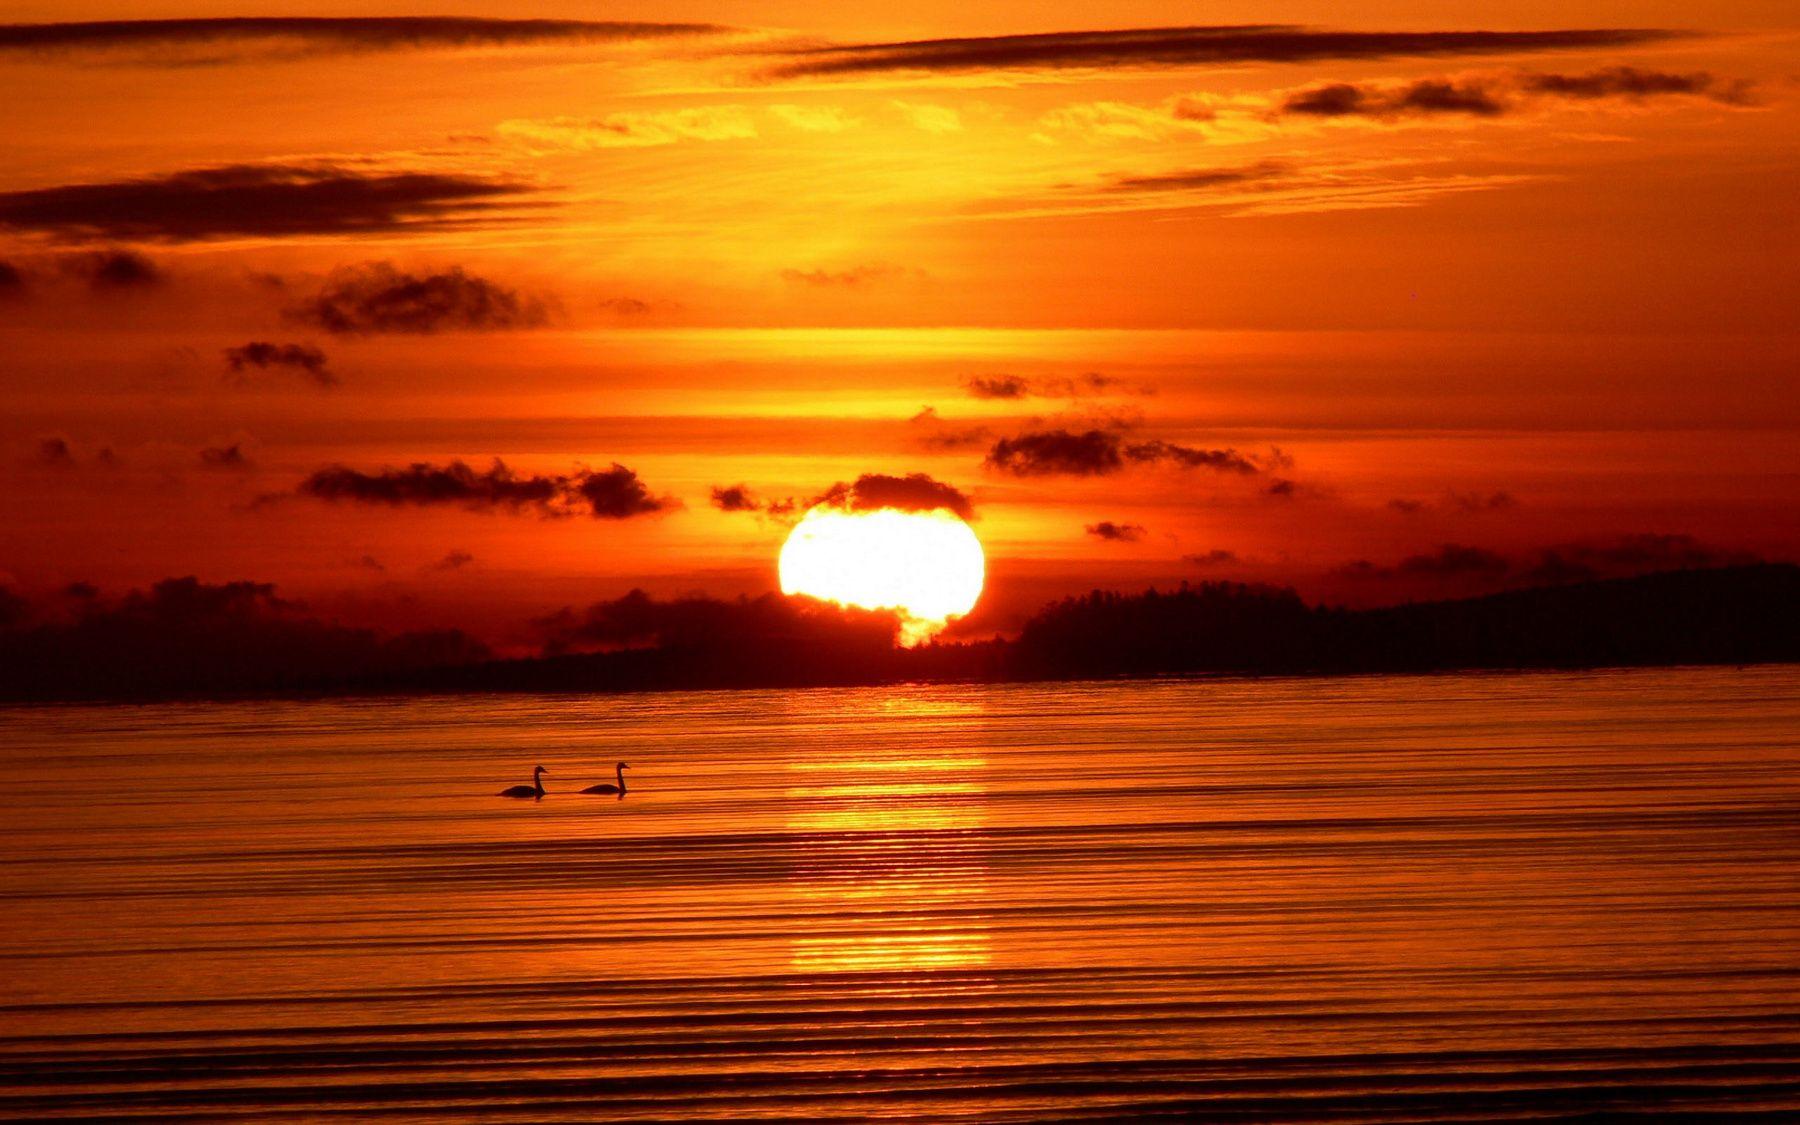 Coucher De Soleil 1 Havre De Savoir Papier Peint Coucher De Soleil Coucher De Soleil Images De Coucher De Soleil